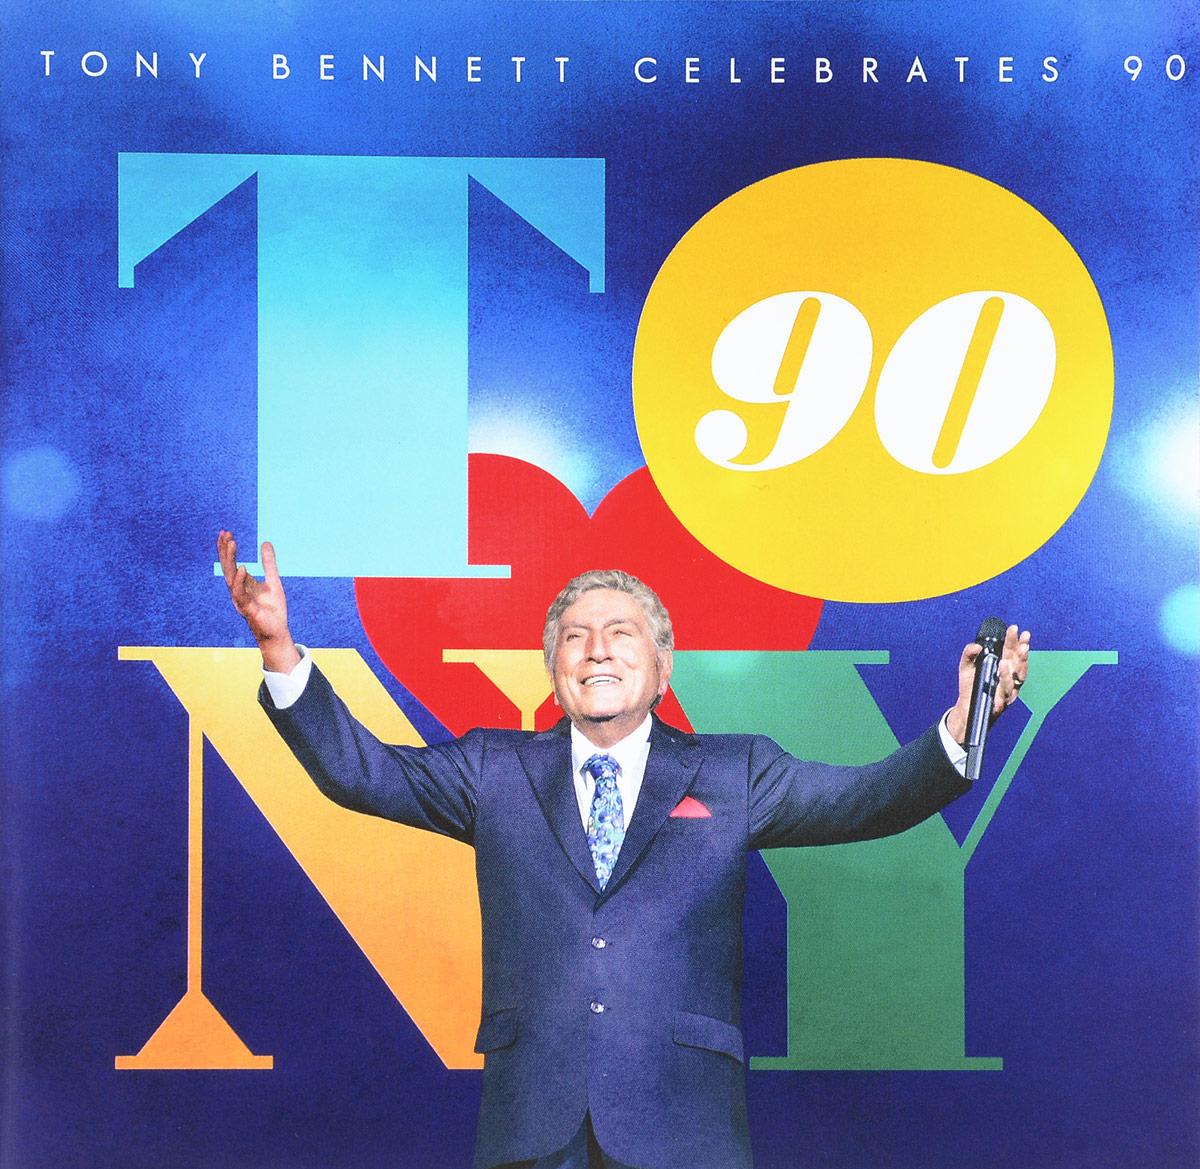 Тони Беннетт,Lady Gaga,Майкл Бубле,Андреа Бочелли,Кевин Спейси,Дайана Кролл Tony Bennett Celebrates 90 tony bennett the platinum anthology